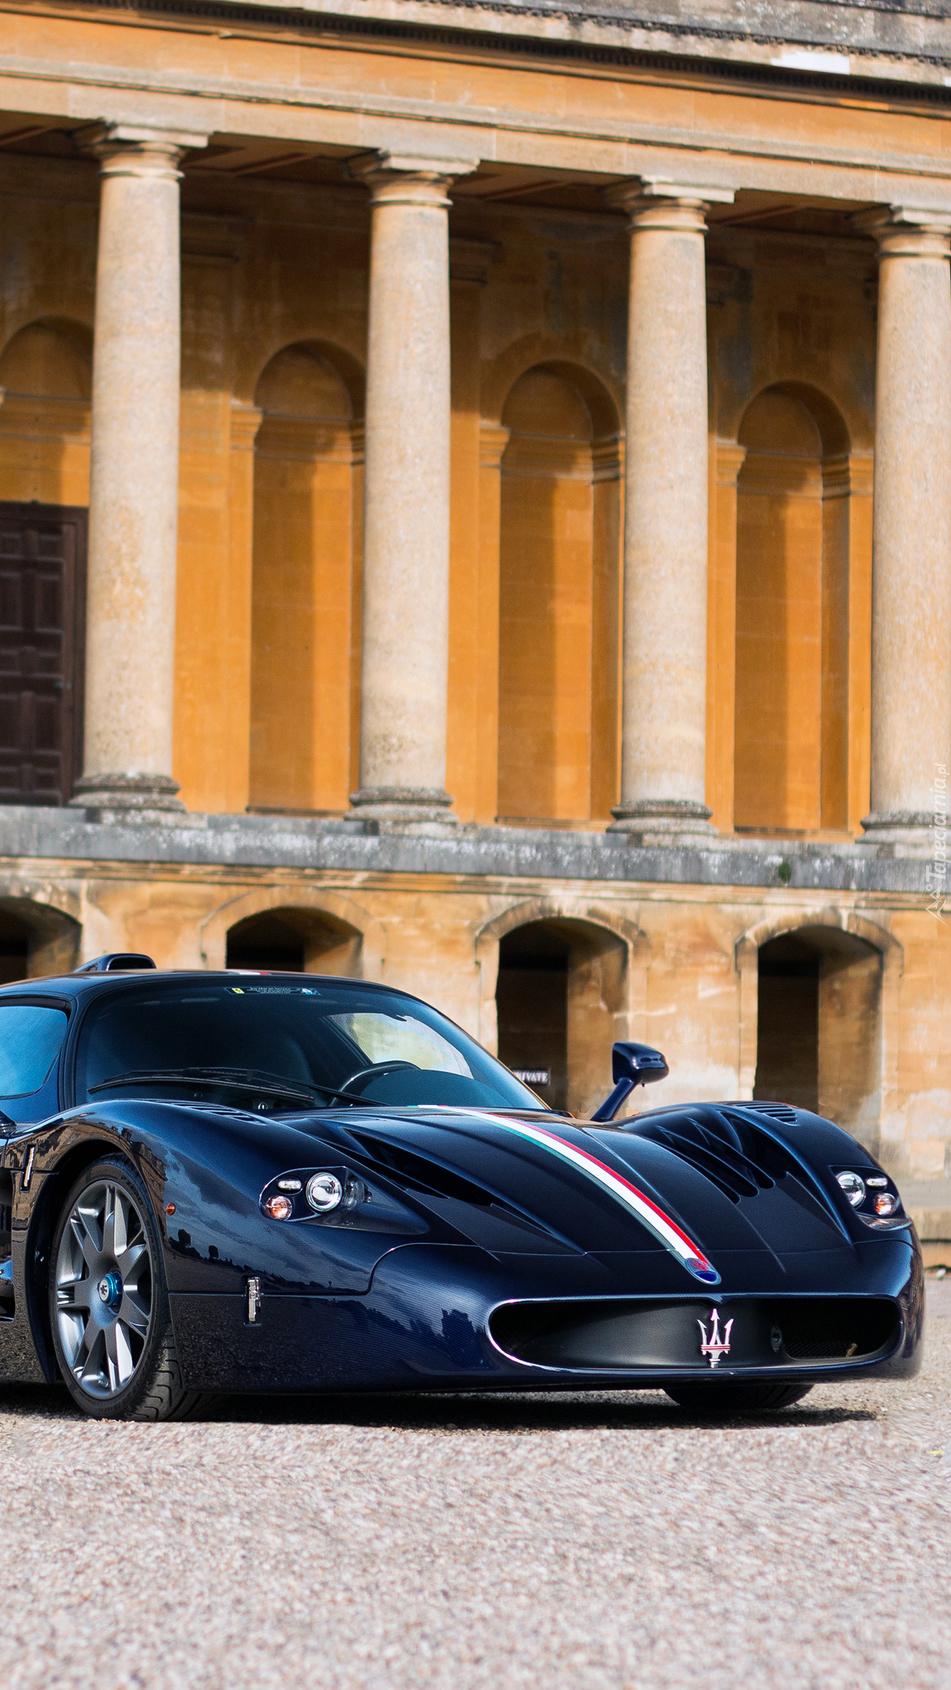 Maserati MC12 Blue Carbon Fibre by Zanasi